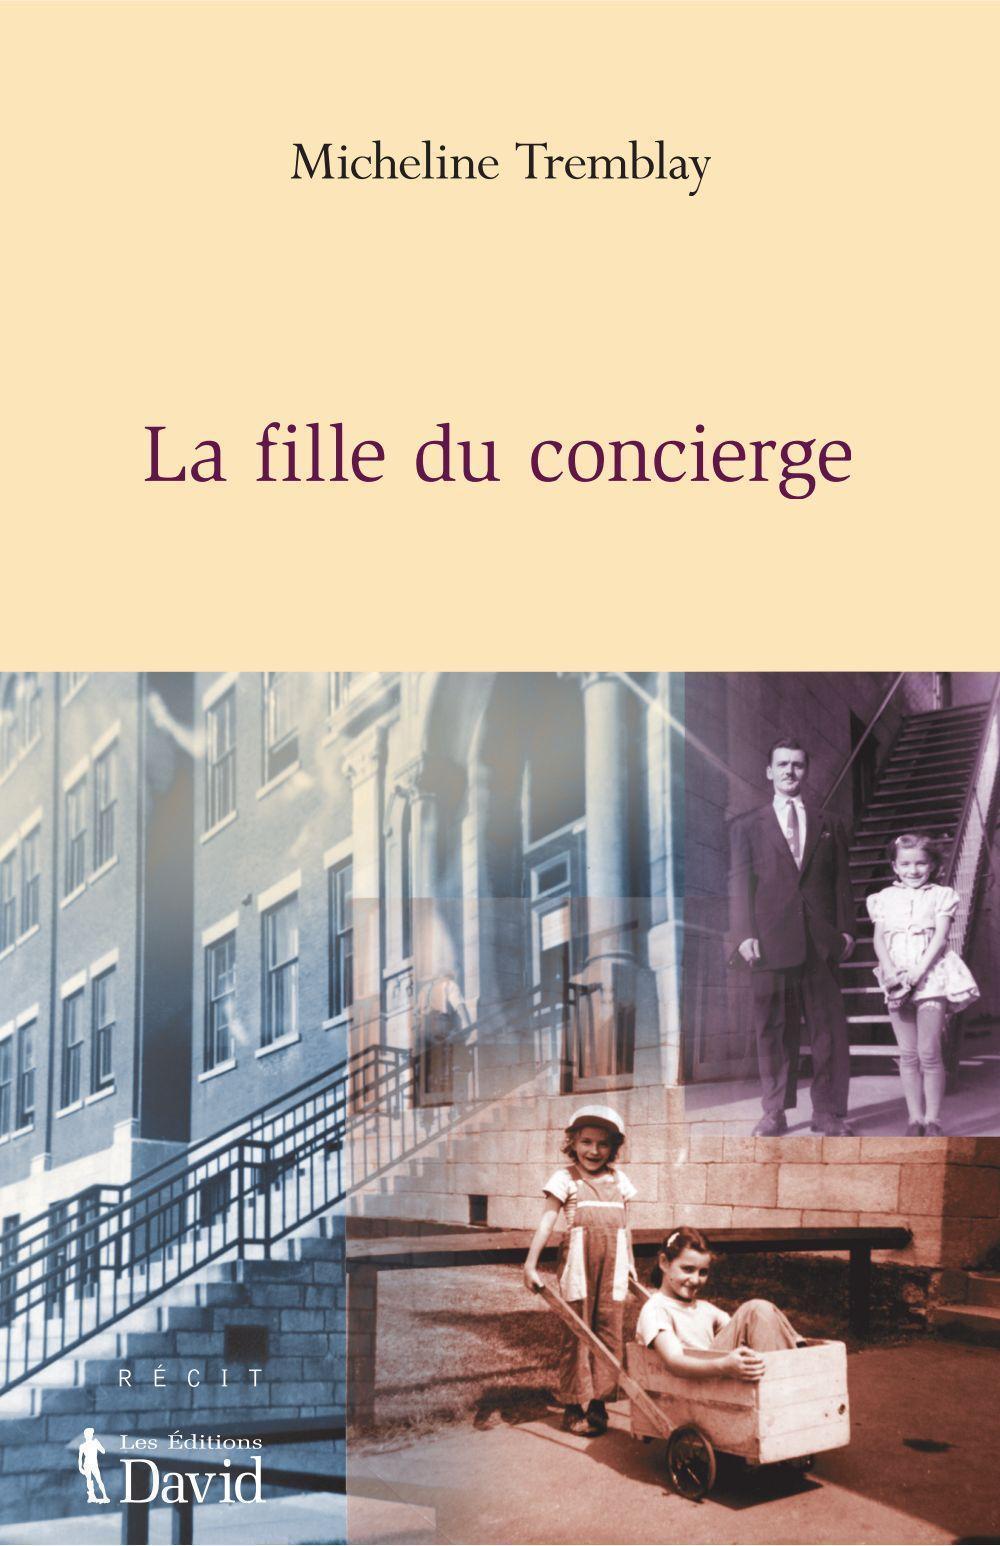 Fille du Concierge (La)